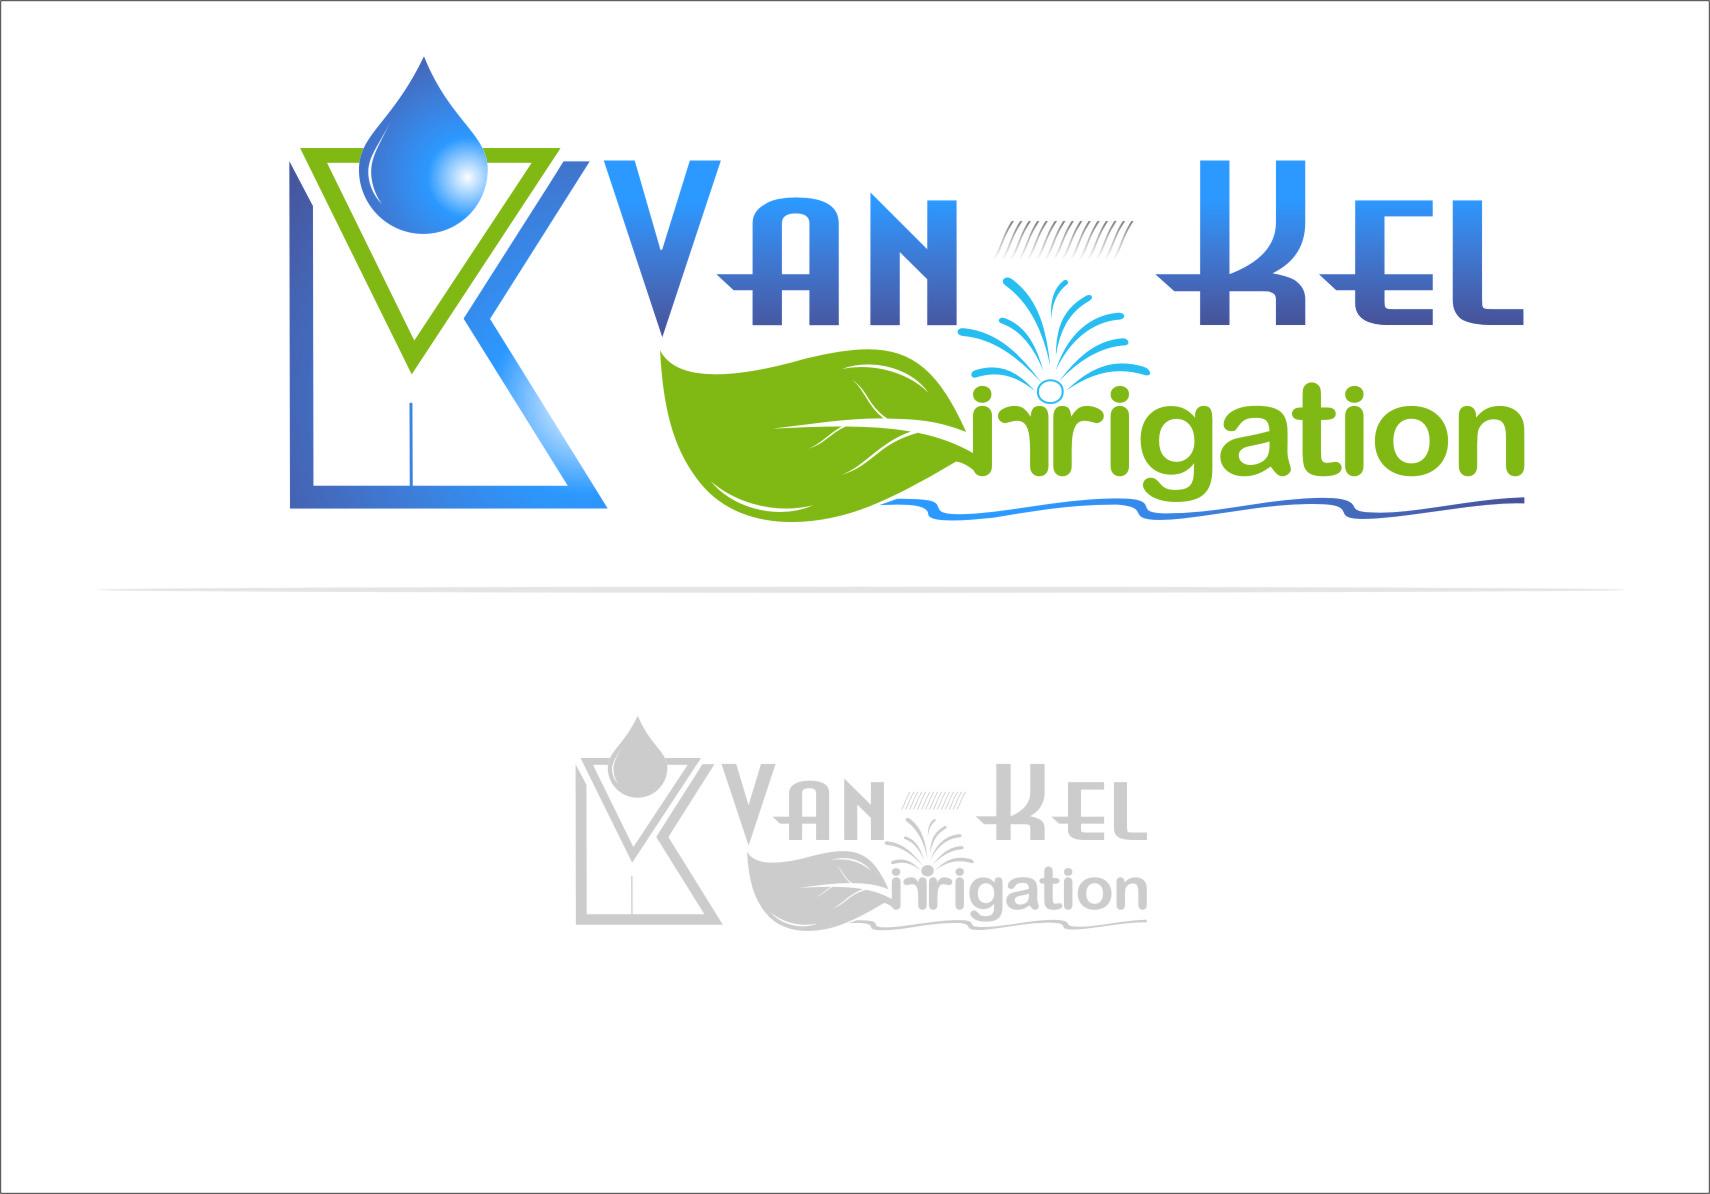 Logo Design by Ngepet_art - Entry No. 227 in the Logo Design Contest Van-Kel Irrigation Logo Design.